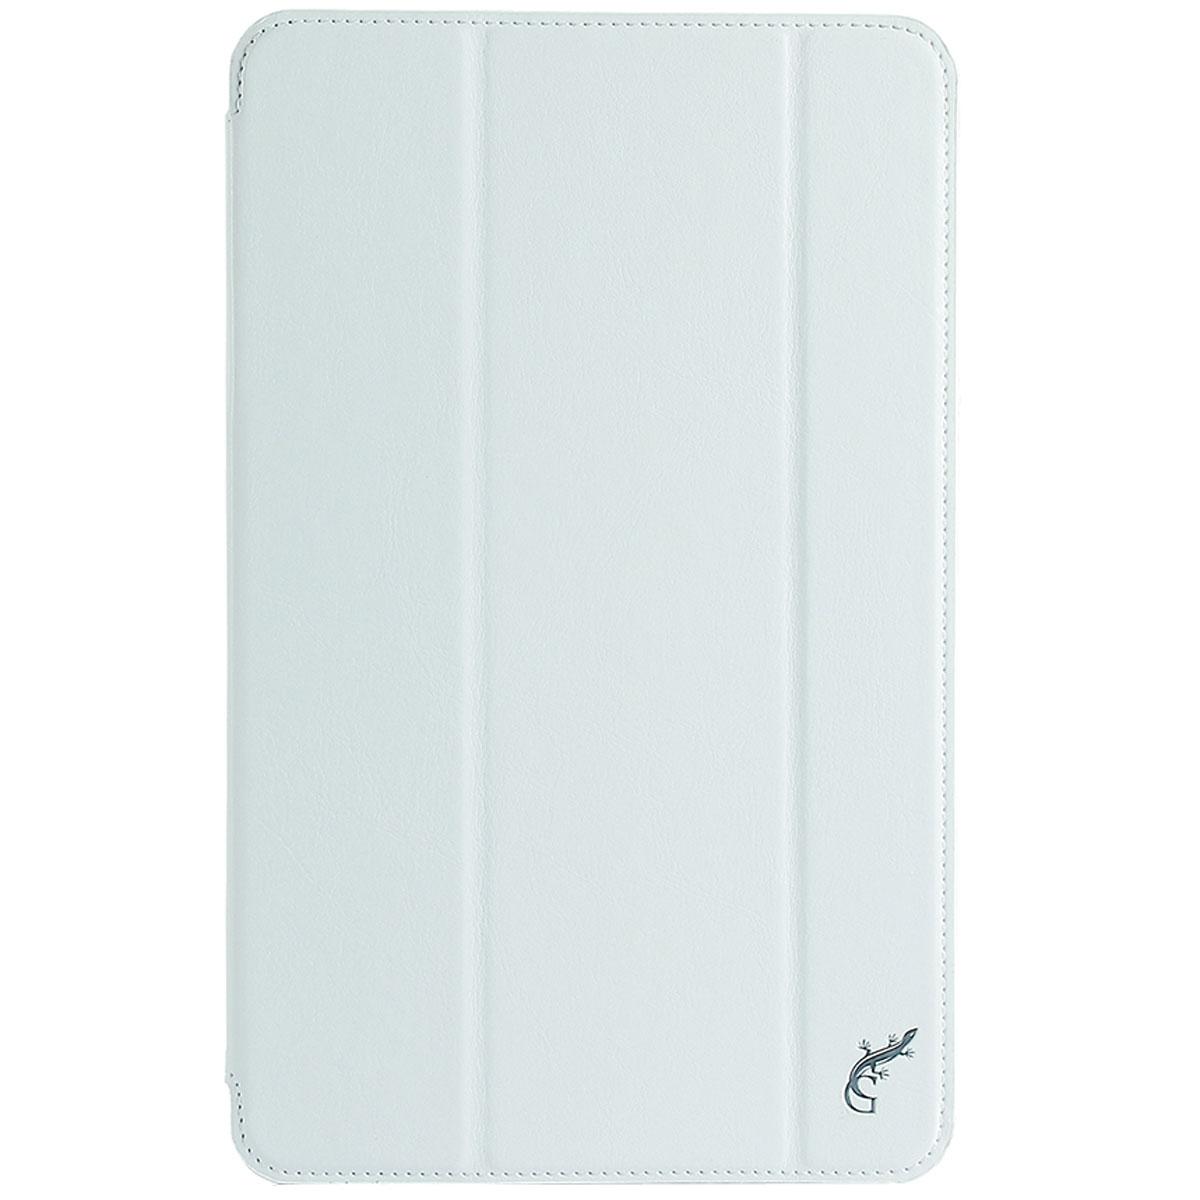 G-Case Slim Premium чехол для Samsung Galaxy Tab Е 9.6, WhiteGG-642Защитный чехол G-Case Slim Premium для планшета Samsung Galaxy Tab Е 9.6 отличается высокой степенью защиты от попадания влаги и пыли, а также падений и механических ударов. Среди конструктивных особенностей защитного чехла G-case можно отметить наличие двухпозиционной подставки, благодаря которой устройство можно установить в нескольких положениях для удобства пользования.